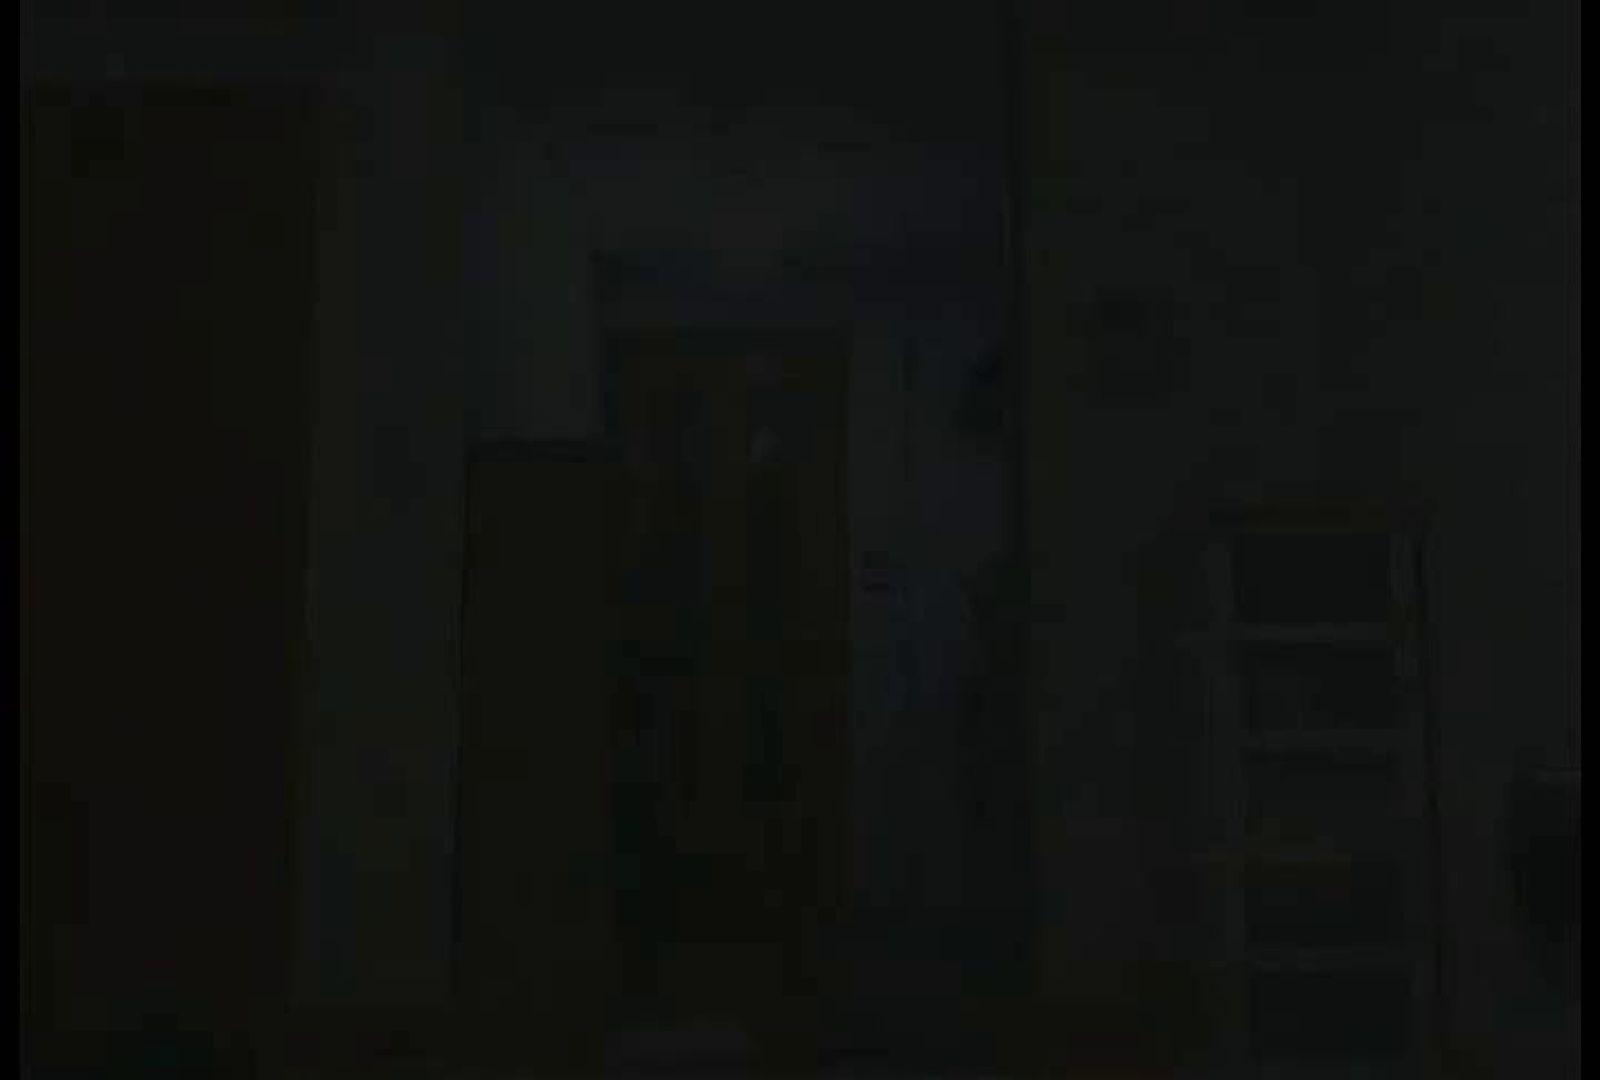 電魔王さんの「盗撮の部屋」No.12 ナナ 現役ギャル  84pic 27